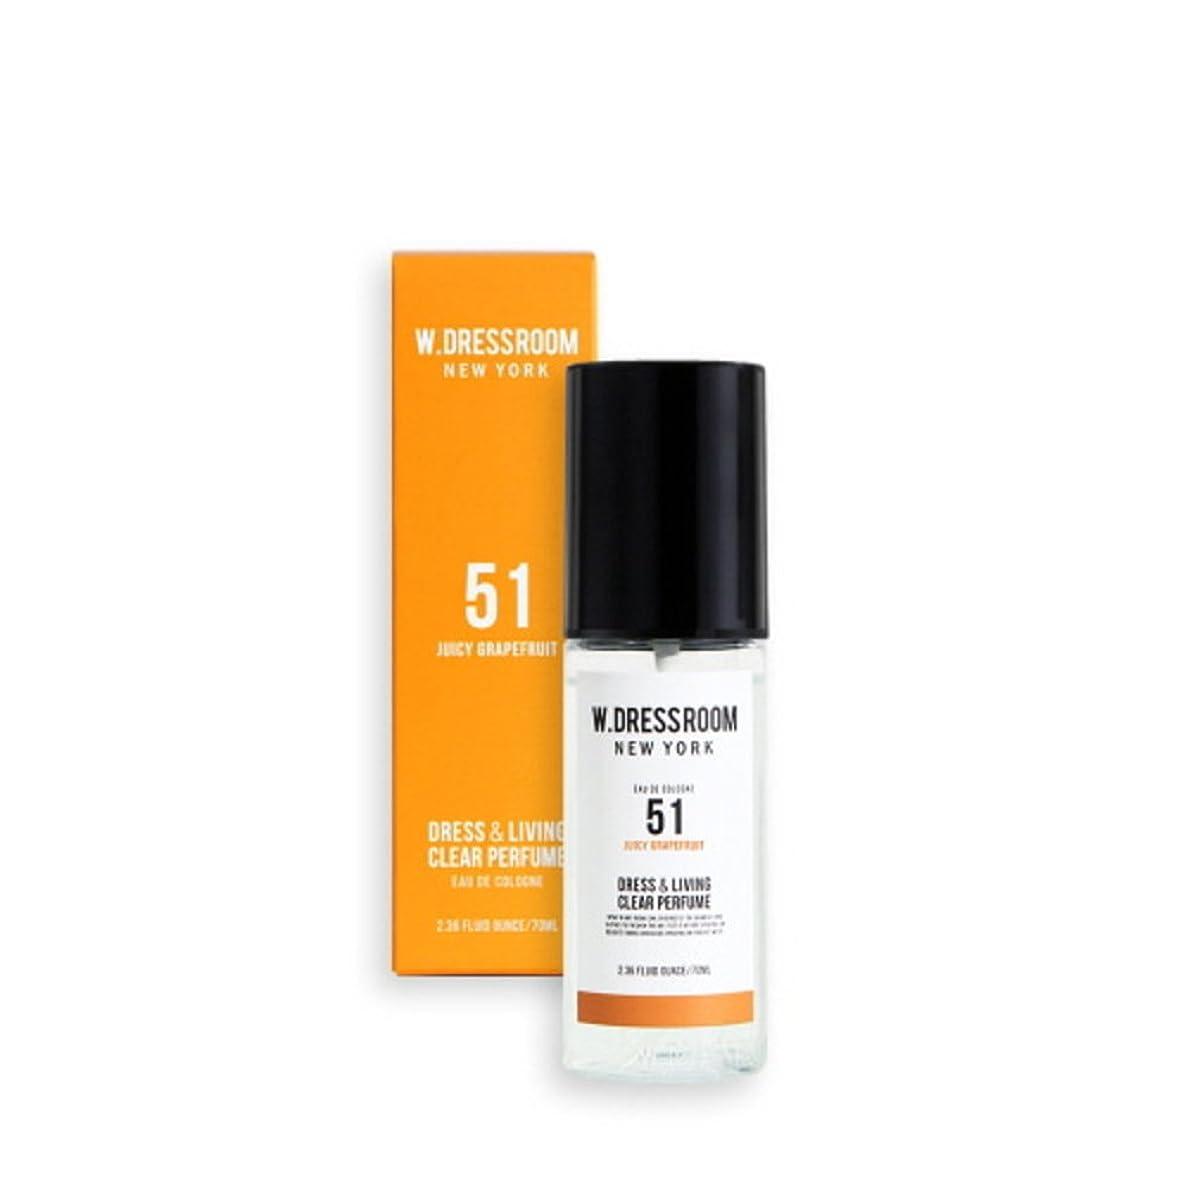 指令ベンチストレージW.DRESSROOM Dress & Living Clear Perfume fragrance 70ml (#No.51 Juicy Grapefruit)/ダブルドレスルーム ドレス&リビング クリア パフューム 70ml (#No.51 Juicy Grapefruit)